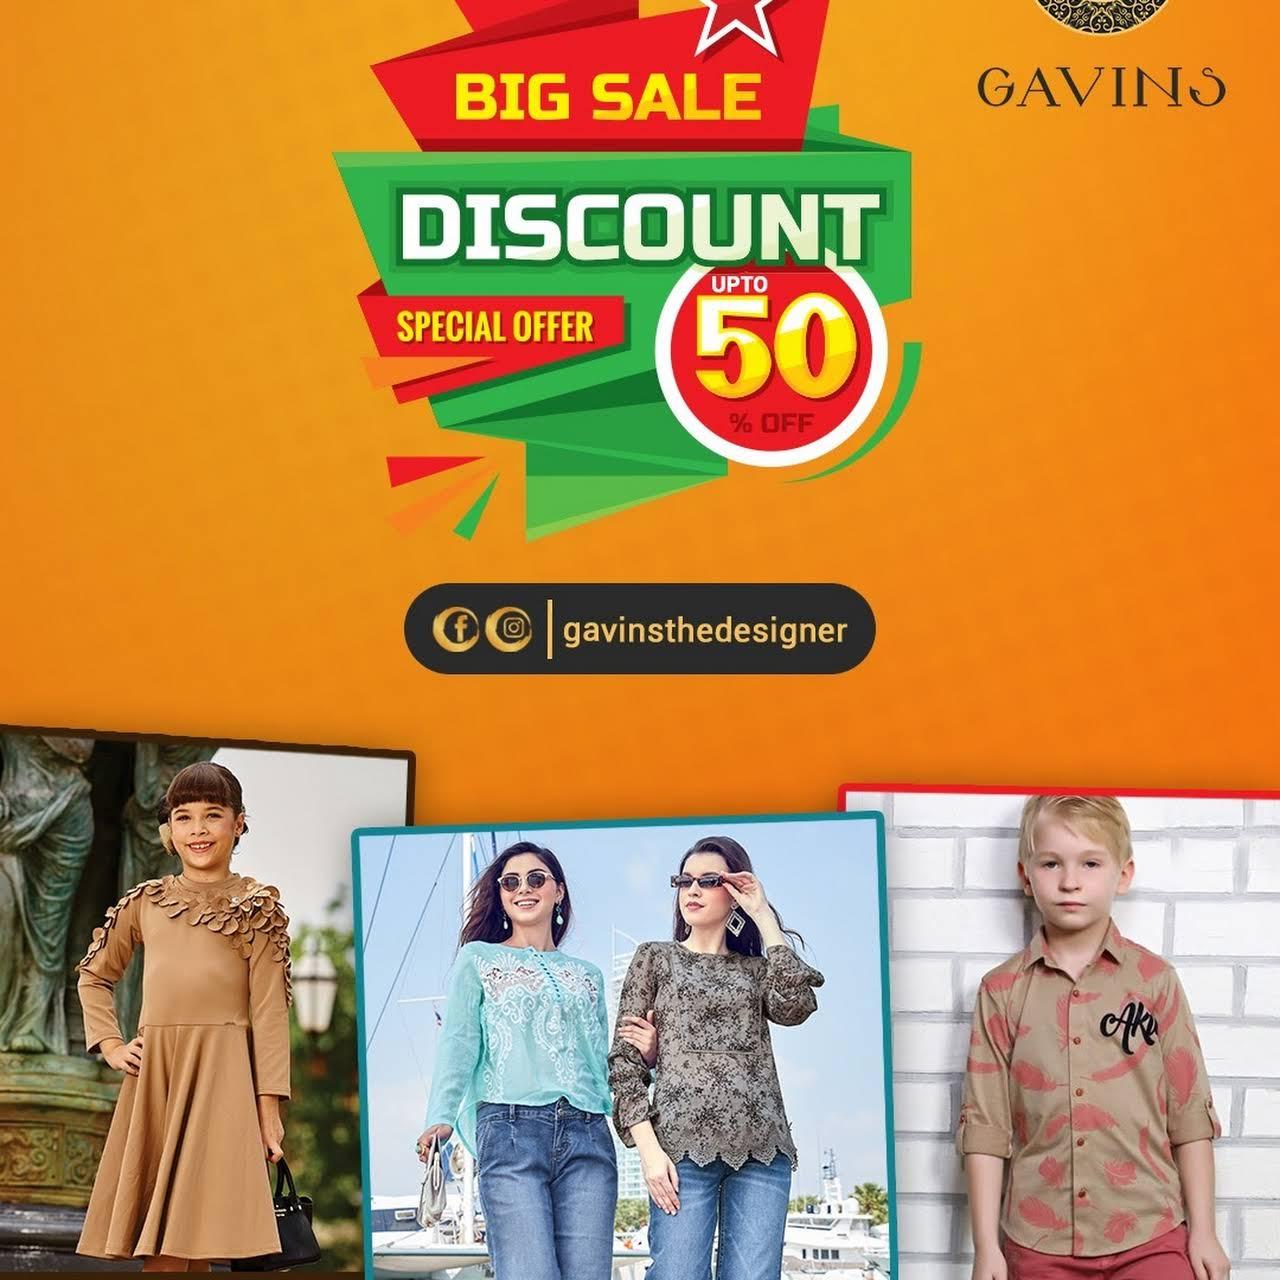 Gavins Men Women Kids Men Kids Clothing Store In Hyderabad